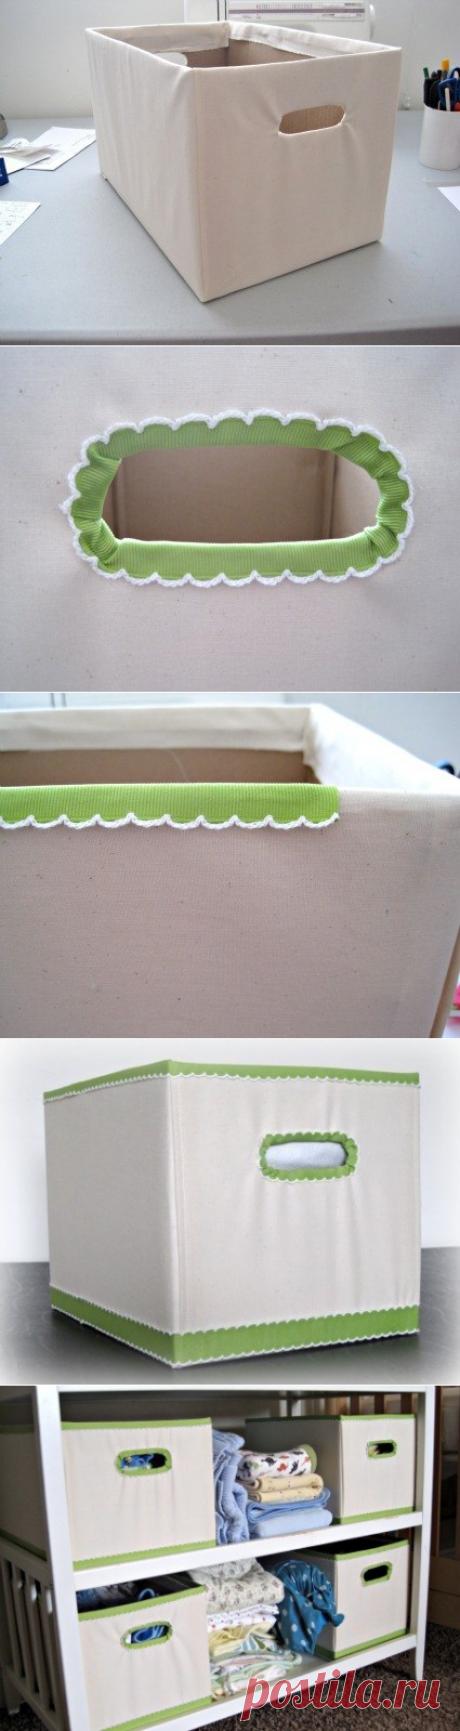 Ящики для домашнего уюта из картонной коробки. Мастер-класс.